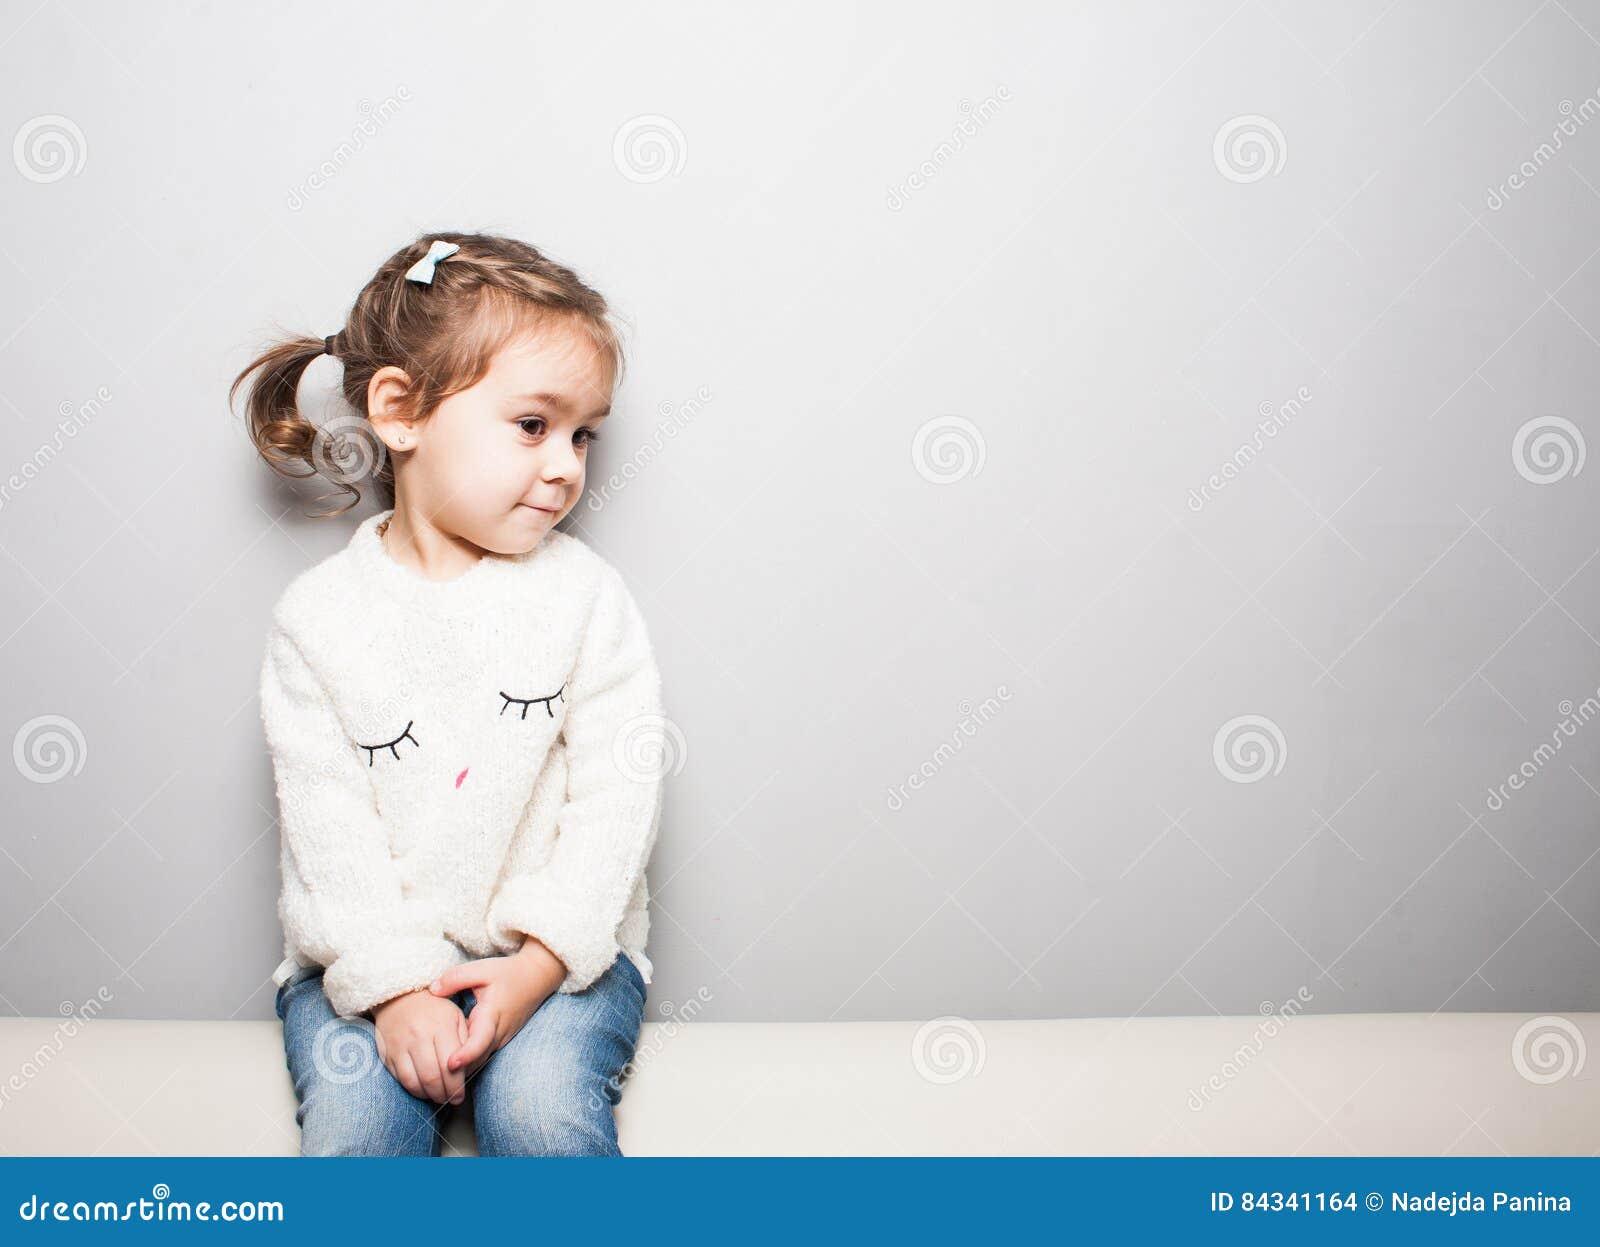 Gullig le liten flicka på grå bakgrund